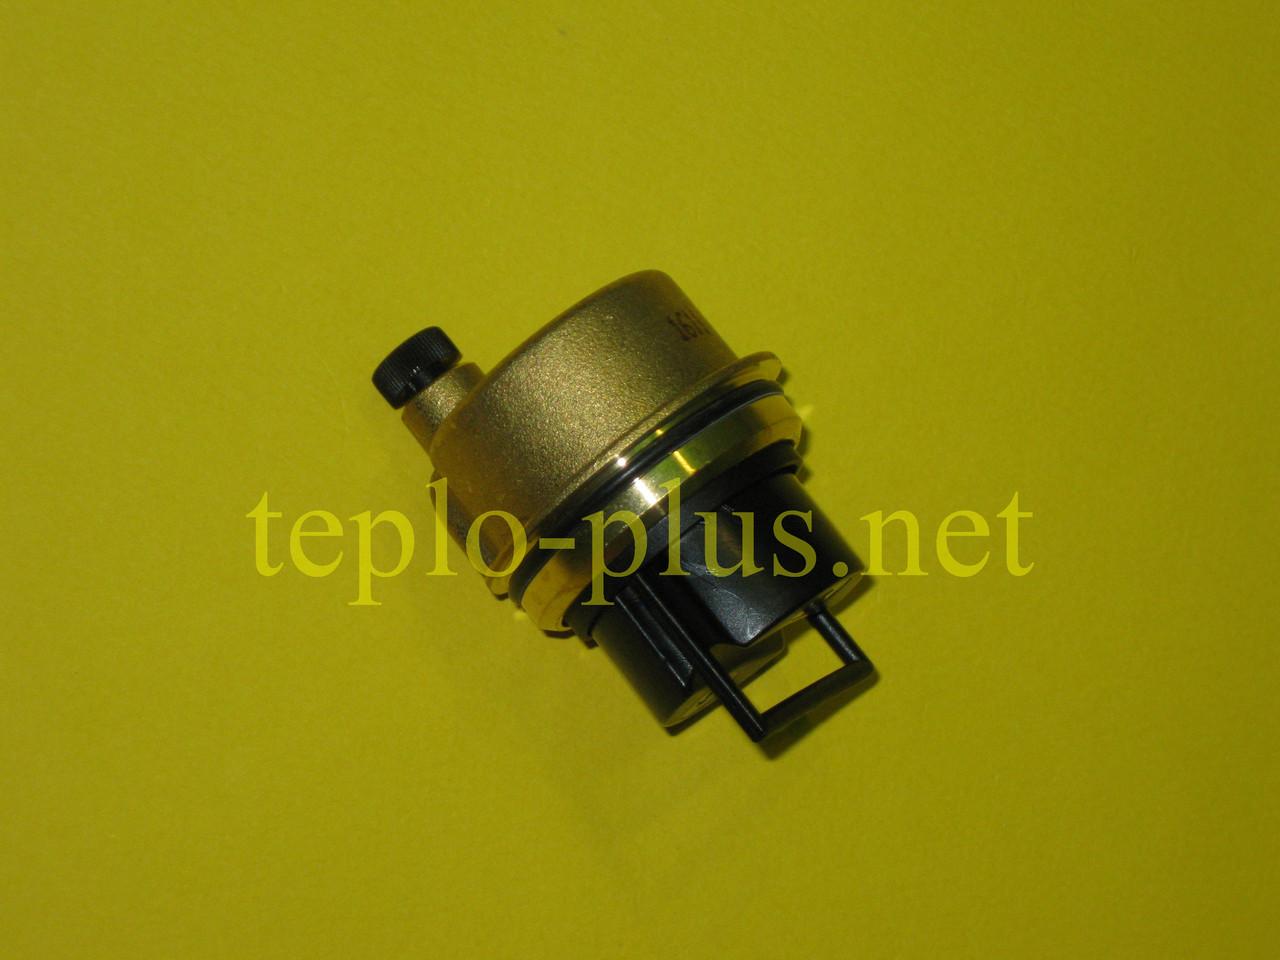 Автоматический воздухоотводчик (сбросник воздуха) 6013101 Sime Format.Zip, Metropolis